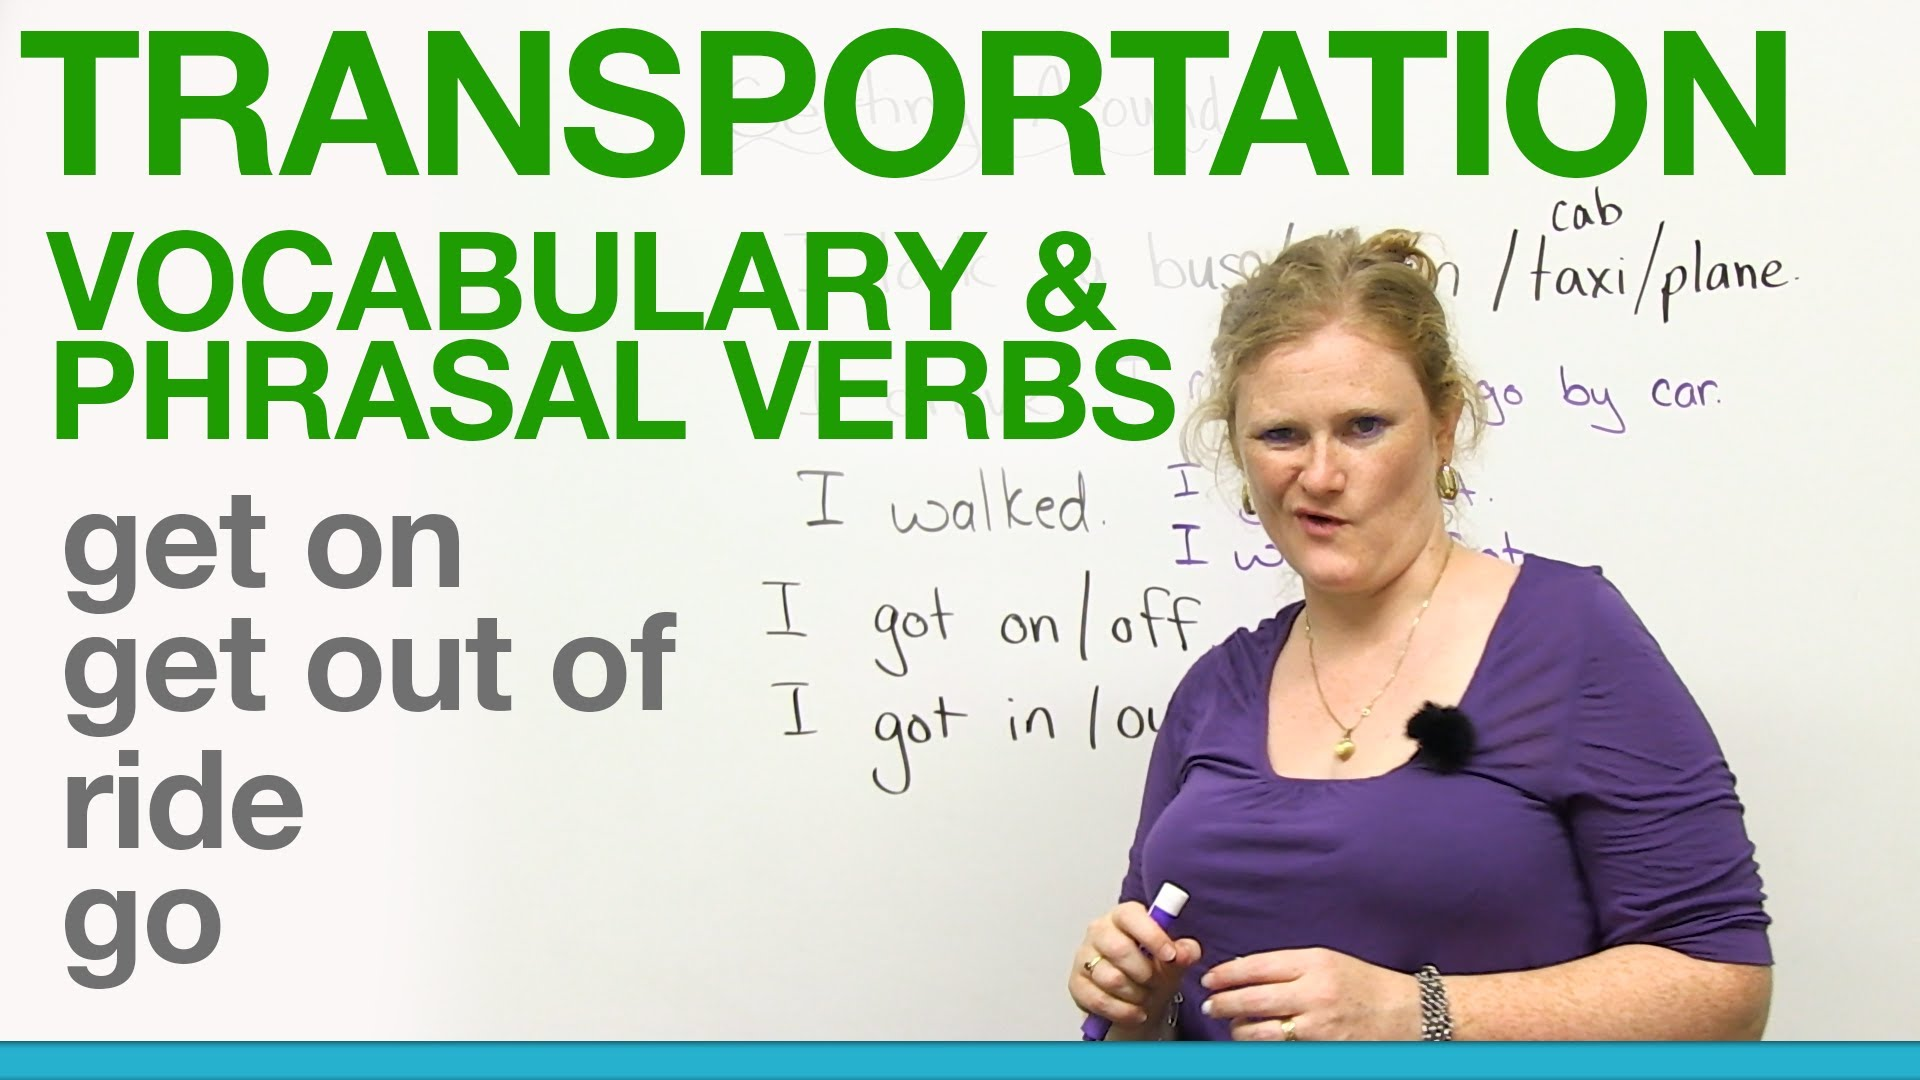 выучи полезные фразы для путешествий и поездок без стресса